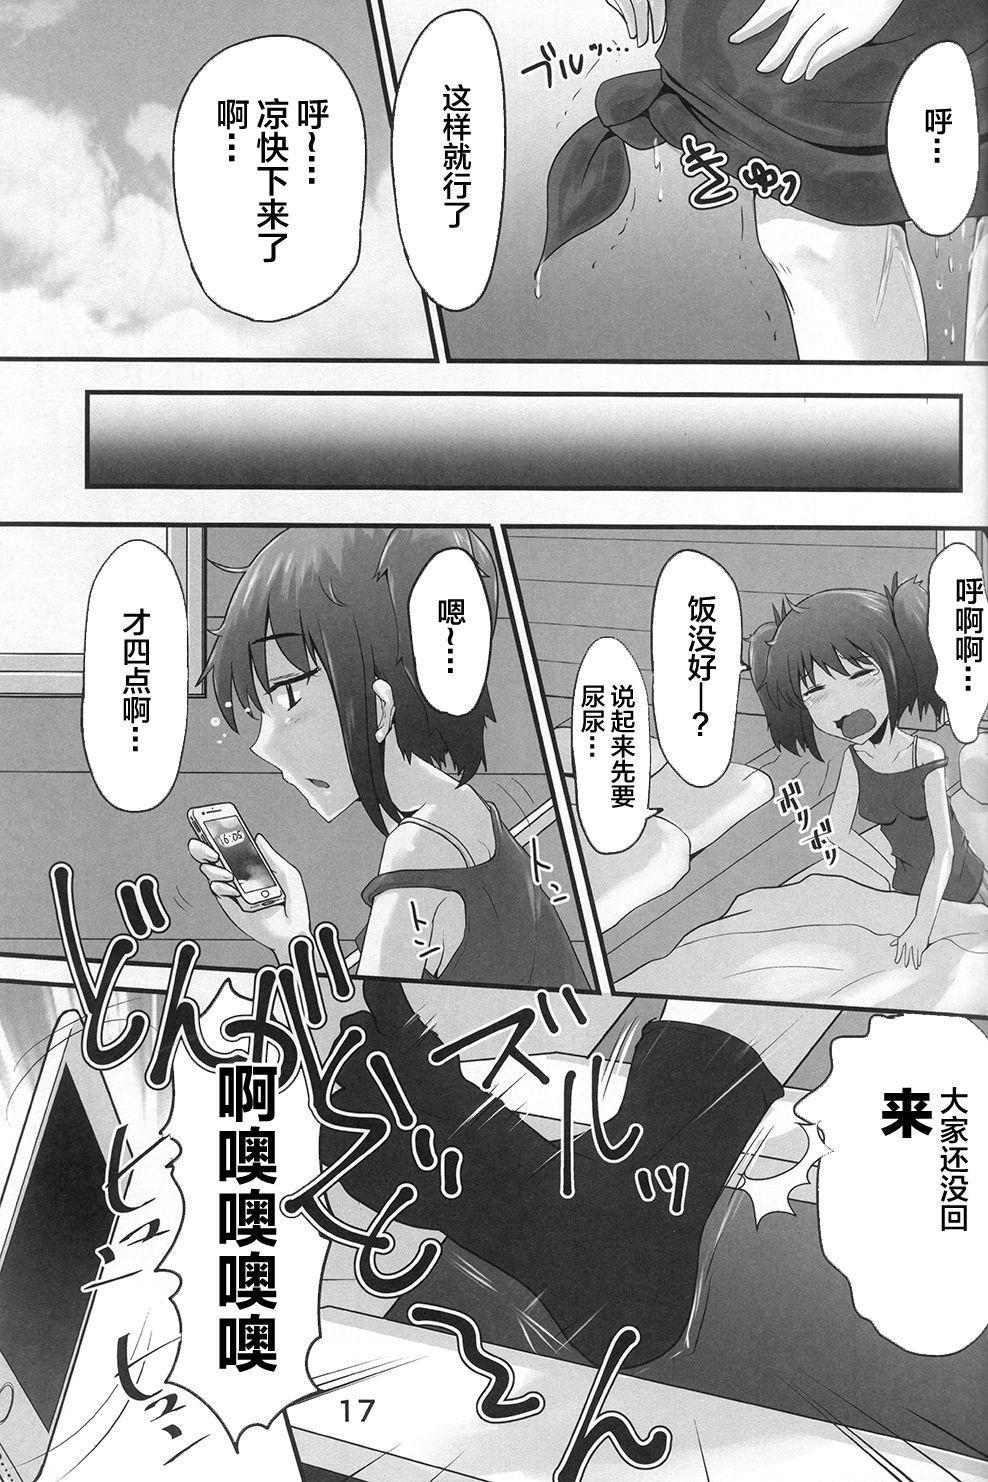 Suzu no Shitatari 23 16